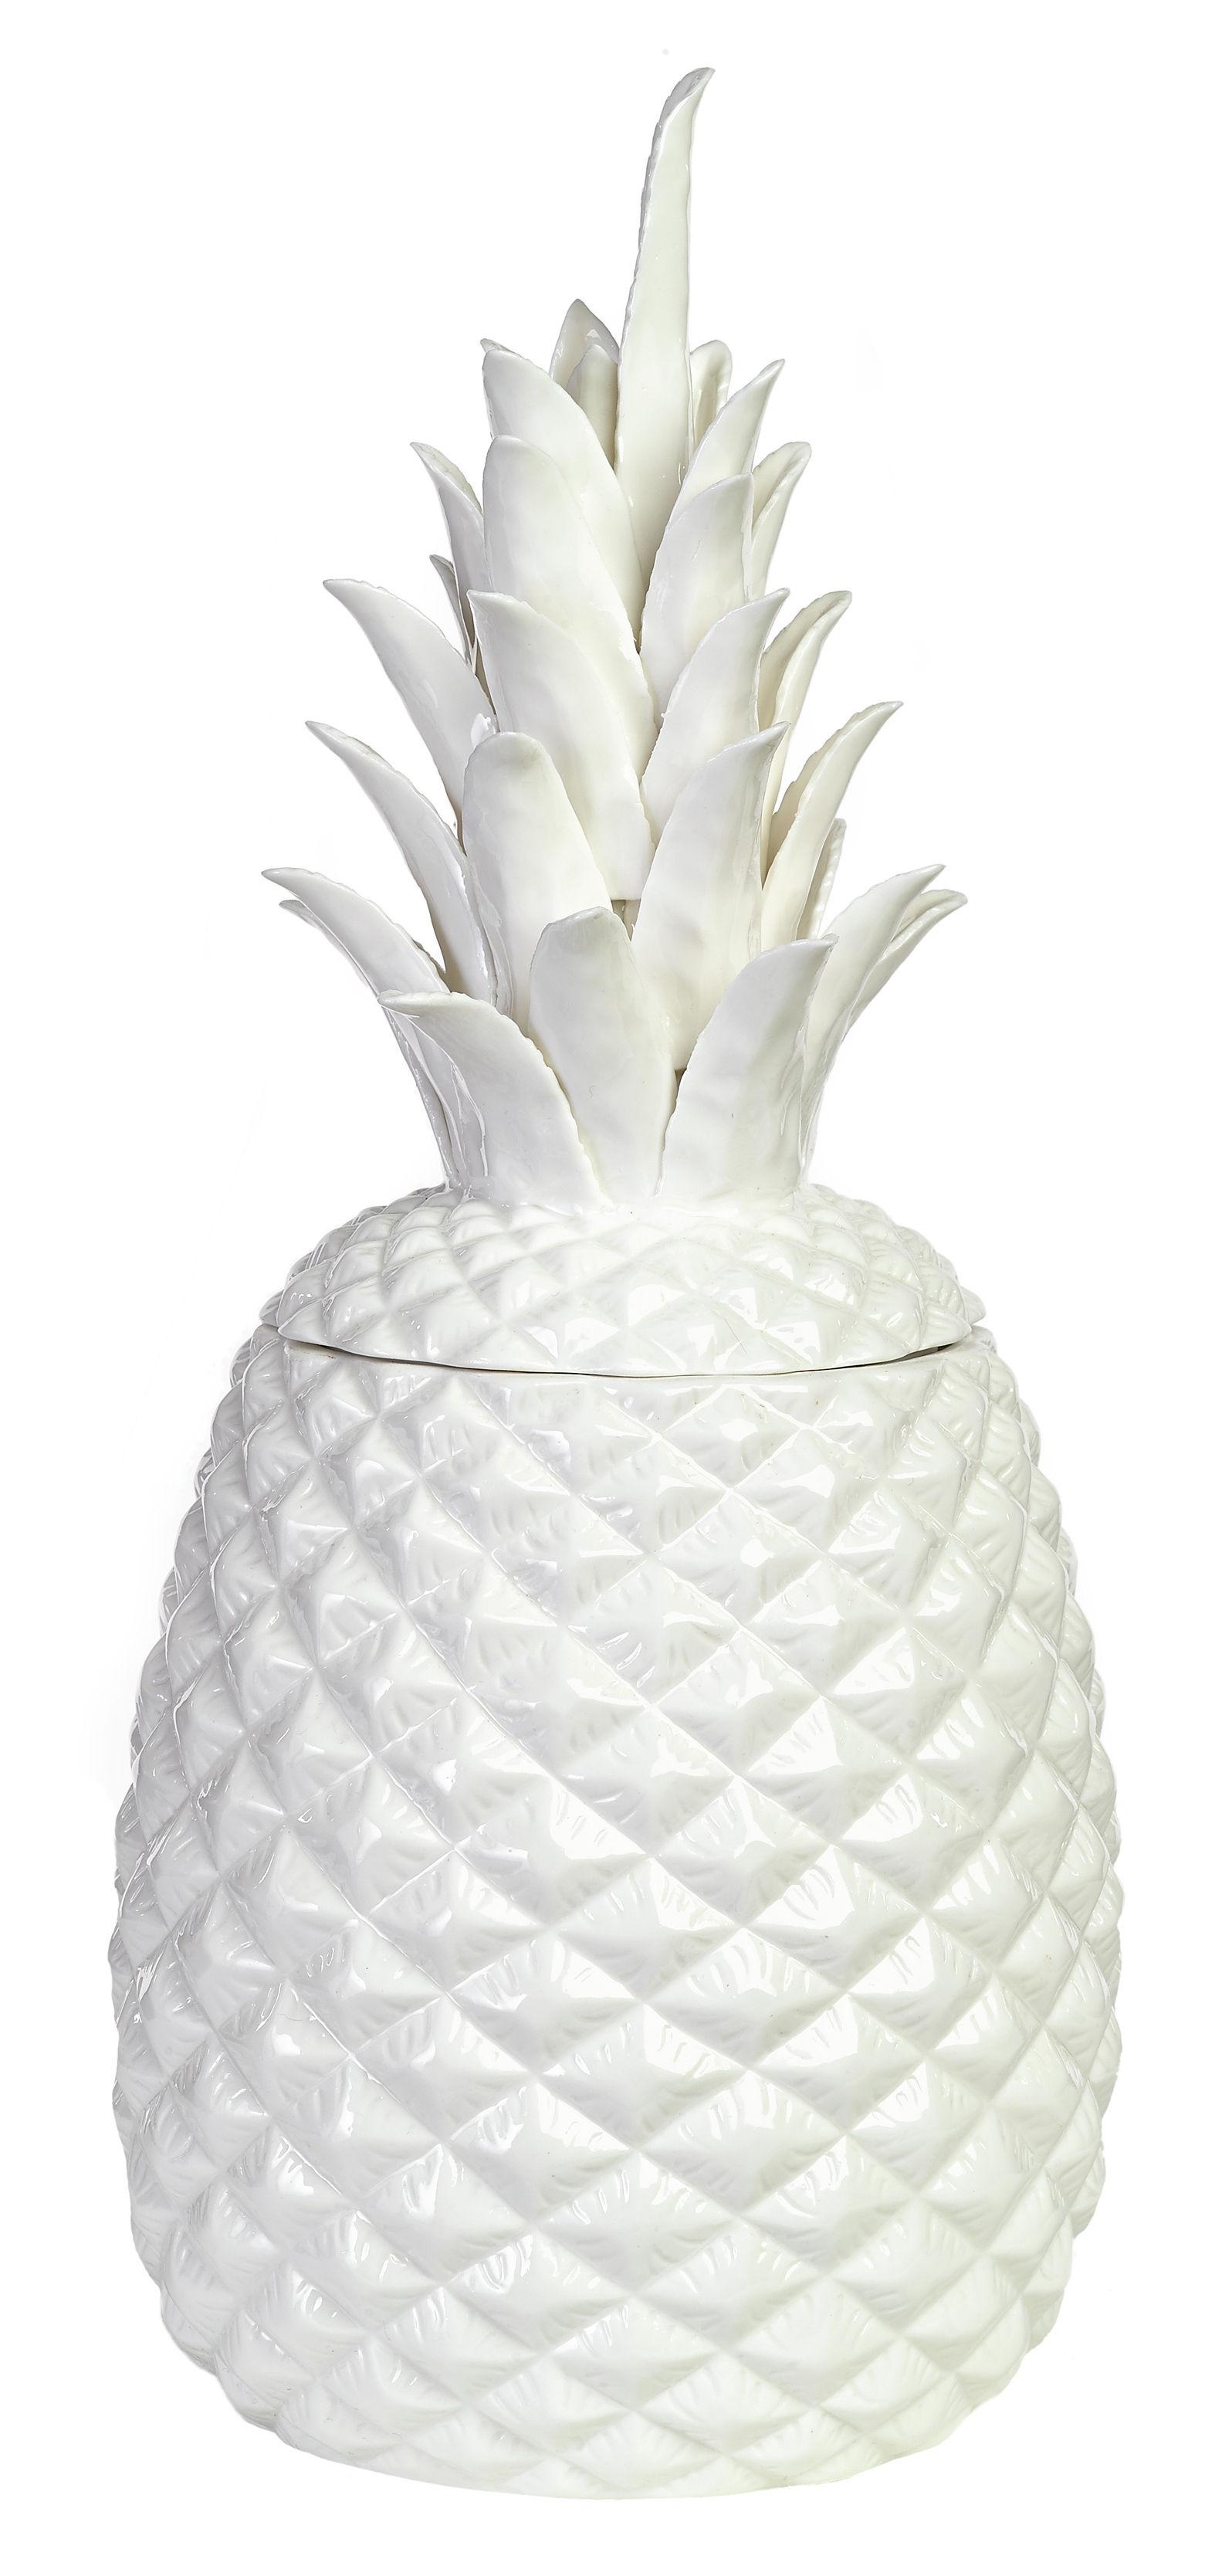 Déco - Boîtes déco - Boîte Pineapple Large / Ø 18 x H 39 cm - Porcelaine - Pols Potten - Blanc - Porcelaine émaillée